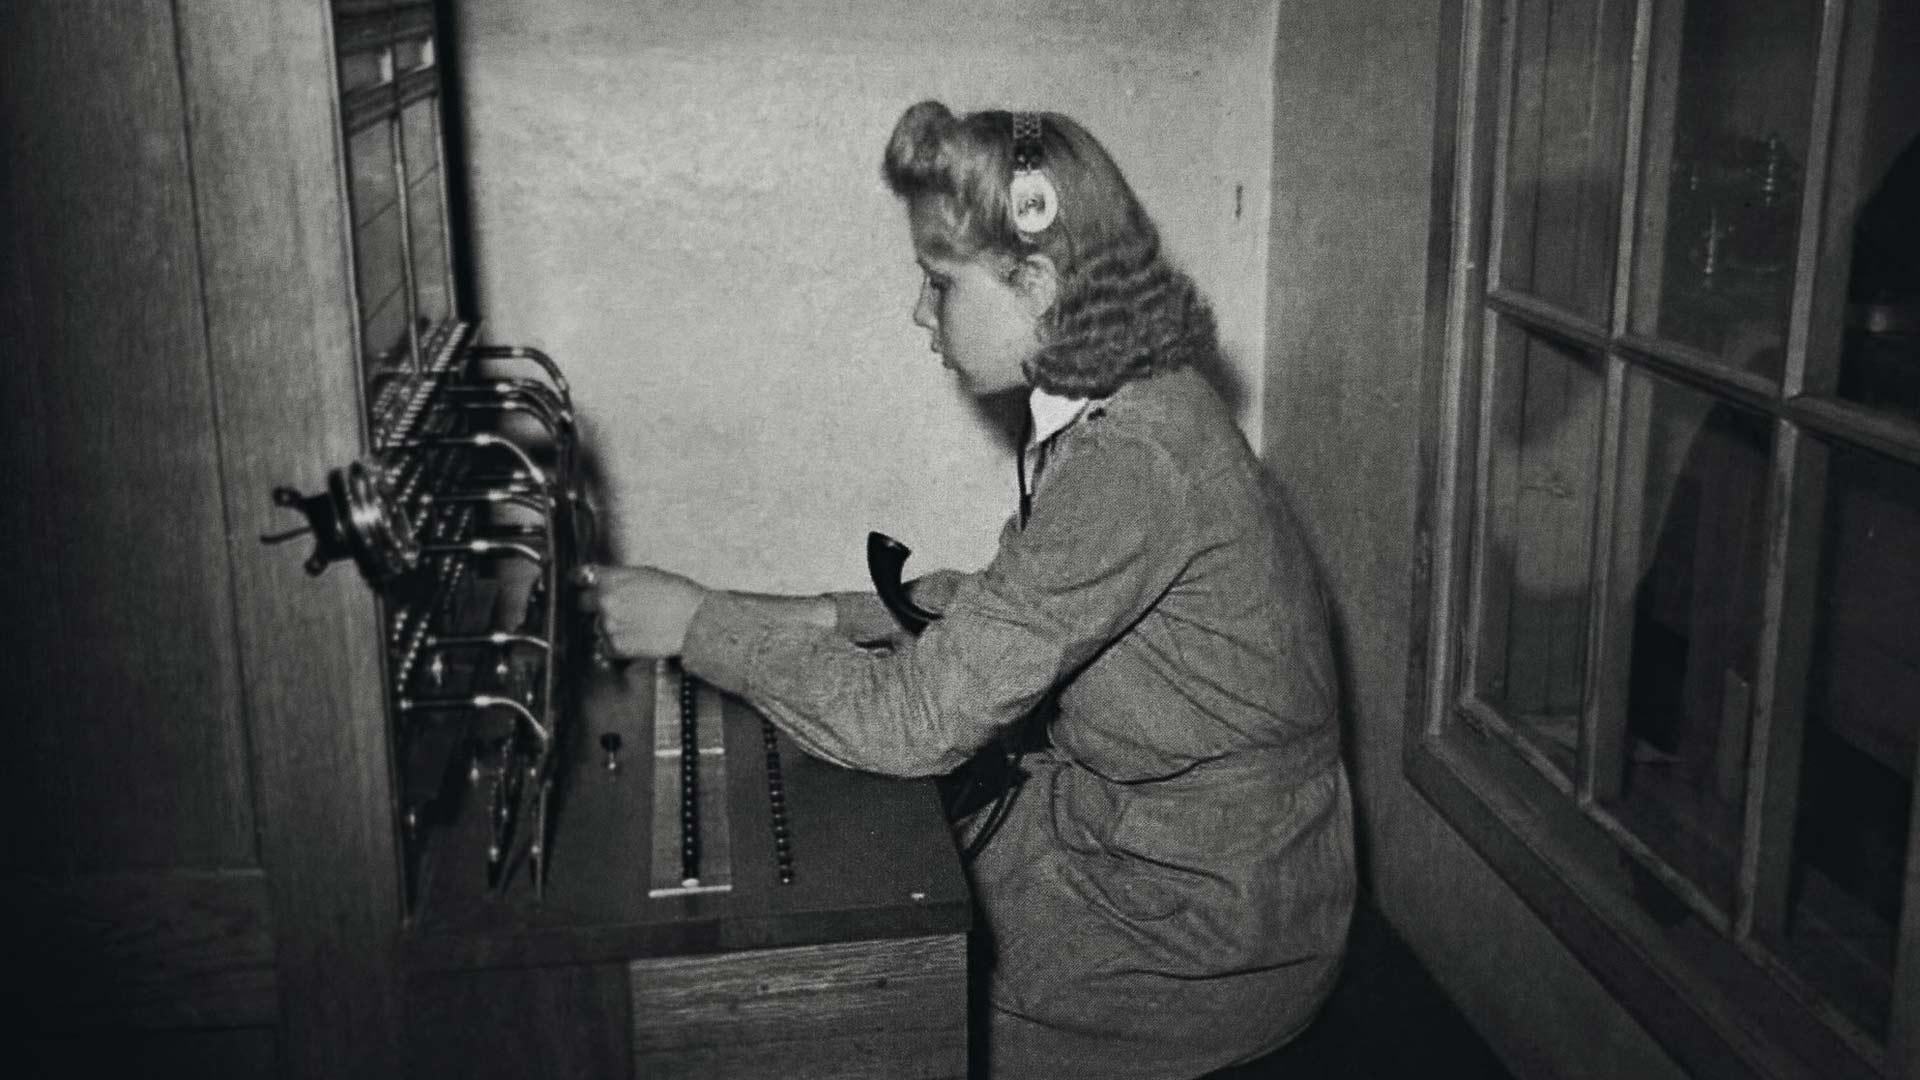 Maire Suomenlinnan Montussa Ilmavalvontakeskuksen puhelinvaihteessa, jonka hoitaminen kuului pikkulottien tehtäviin. Mairen ja hänen lottatovereidensa aktiivisuuden ansiosta Montun seinässä on nykyään lottien työstä kertova muistolaatta.